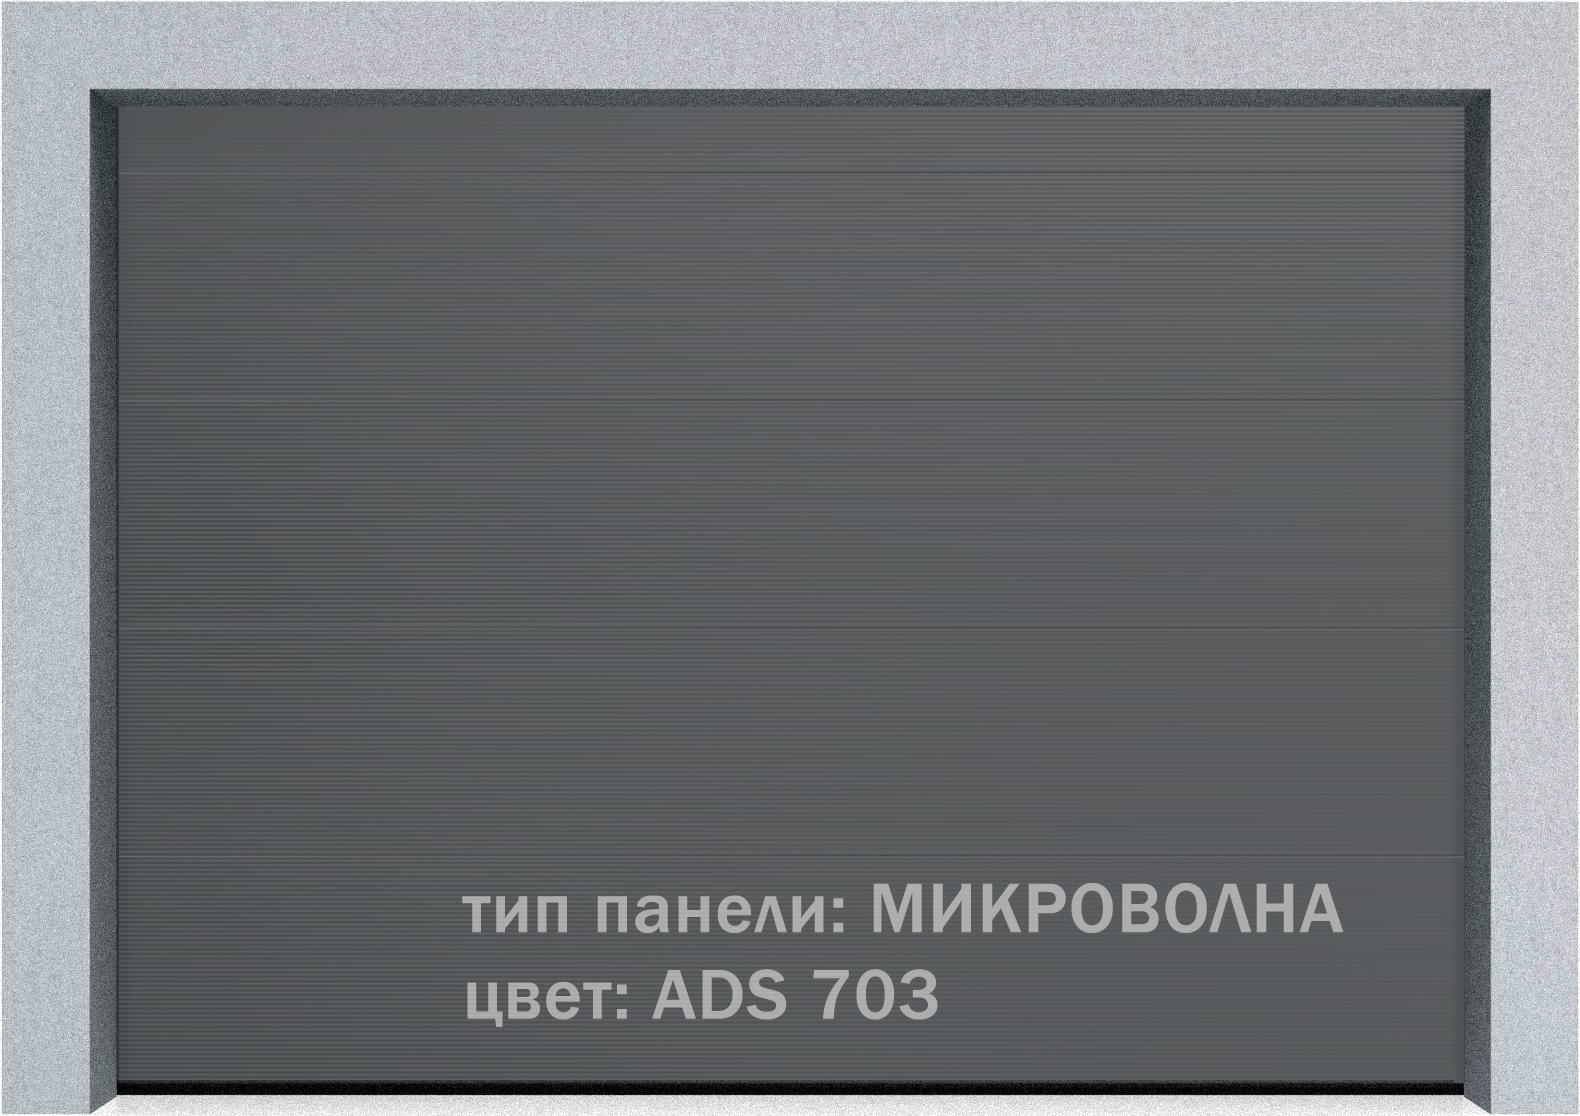 Секционные промышленные ворота Alutech ProTrend 2875х2375 S-гофр, Микроволна стандартные цвета, фото 20